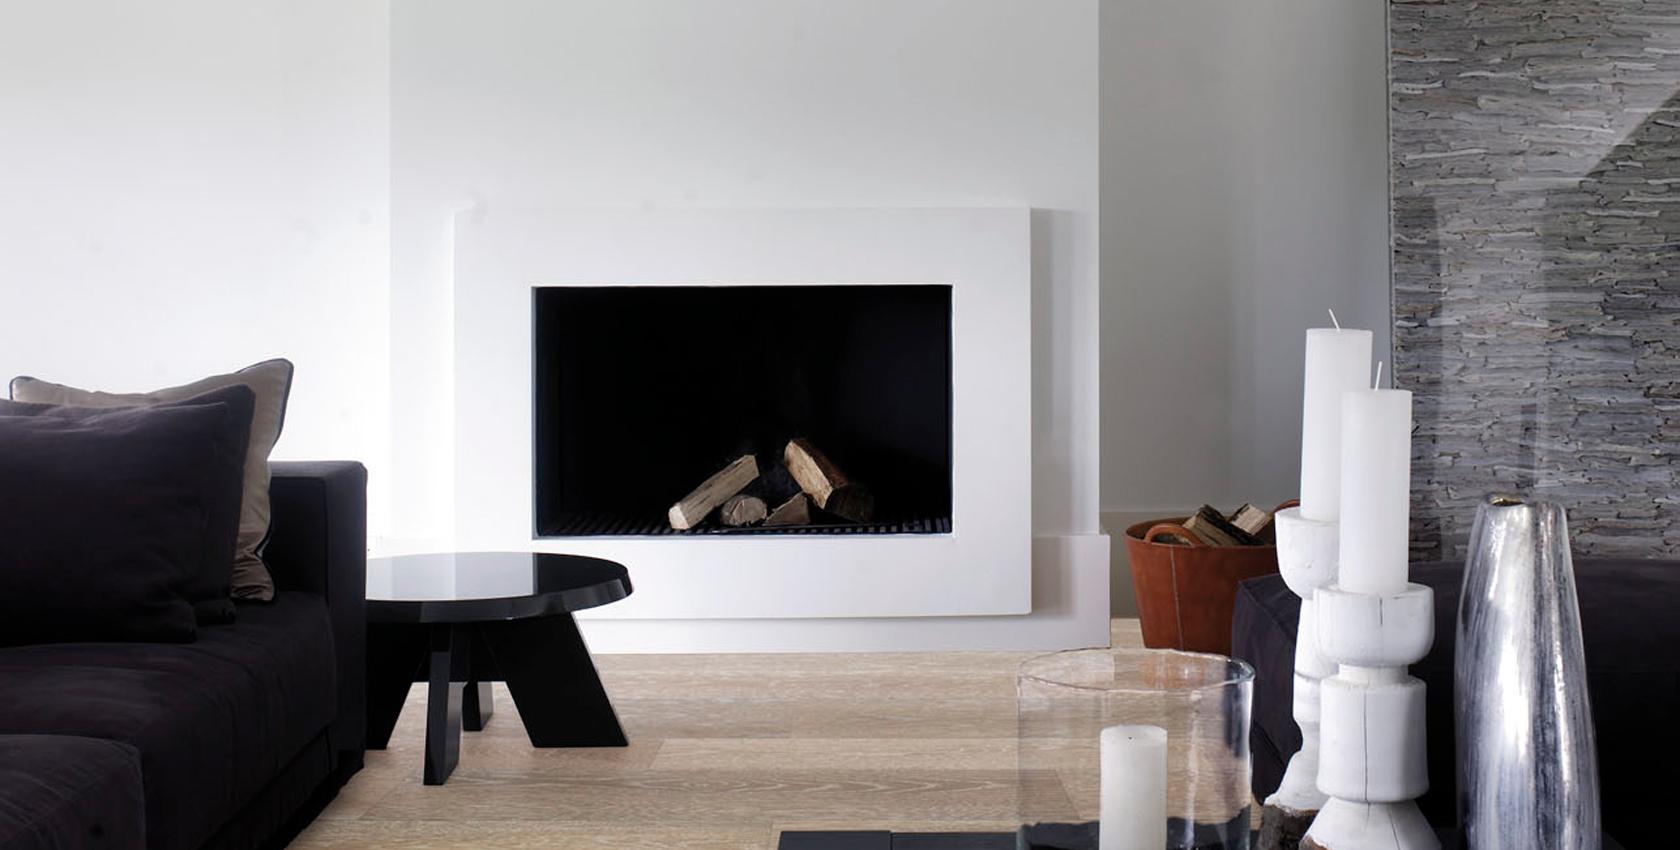 Houthaard inbouwhaard via Homefire. Houten vloer van Piet Boon flooring by Solidfloor #haard #houthaard #homefire #inbouwhaard #houtenvloer #pietboon #solidfloor